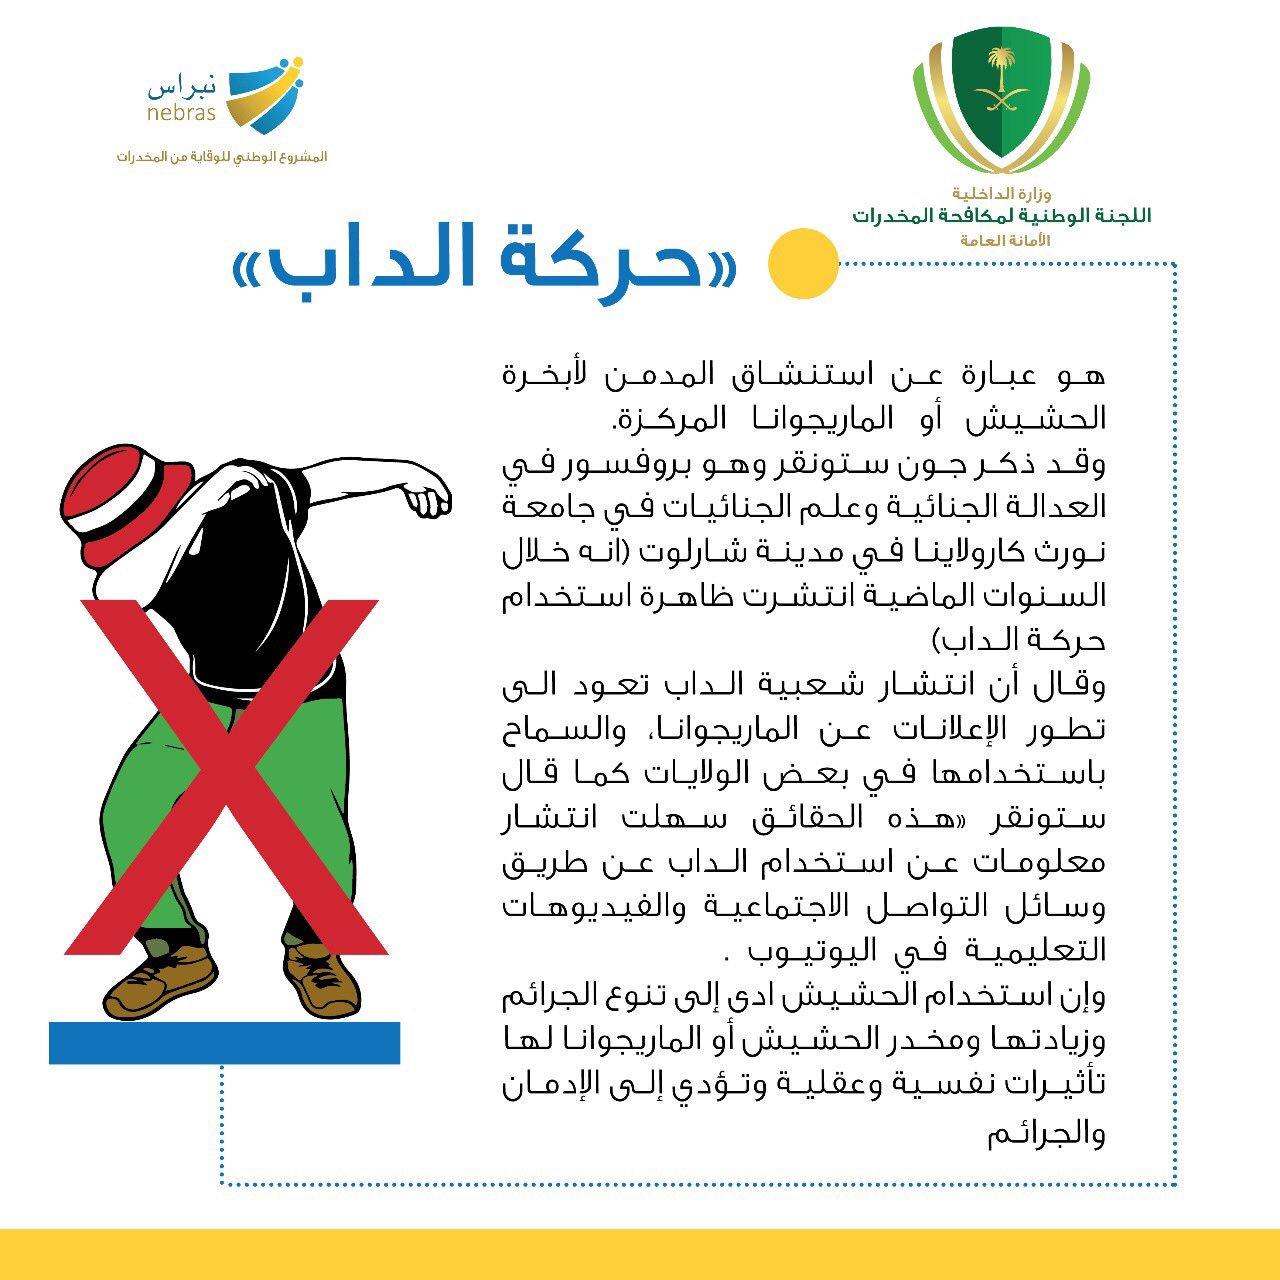 Poster des saudischen Innenministeriums gegen Dabbing